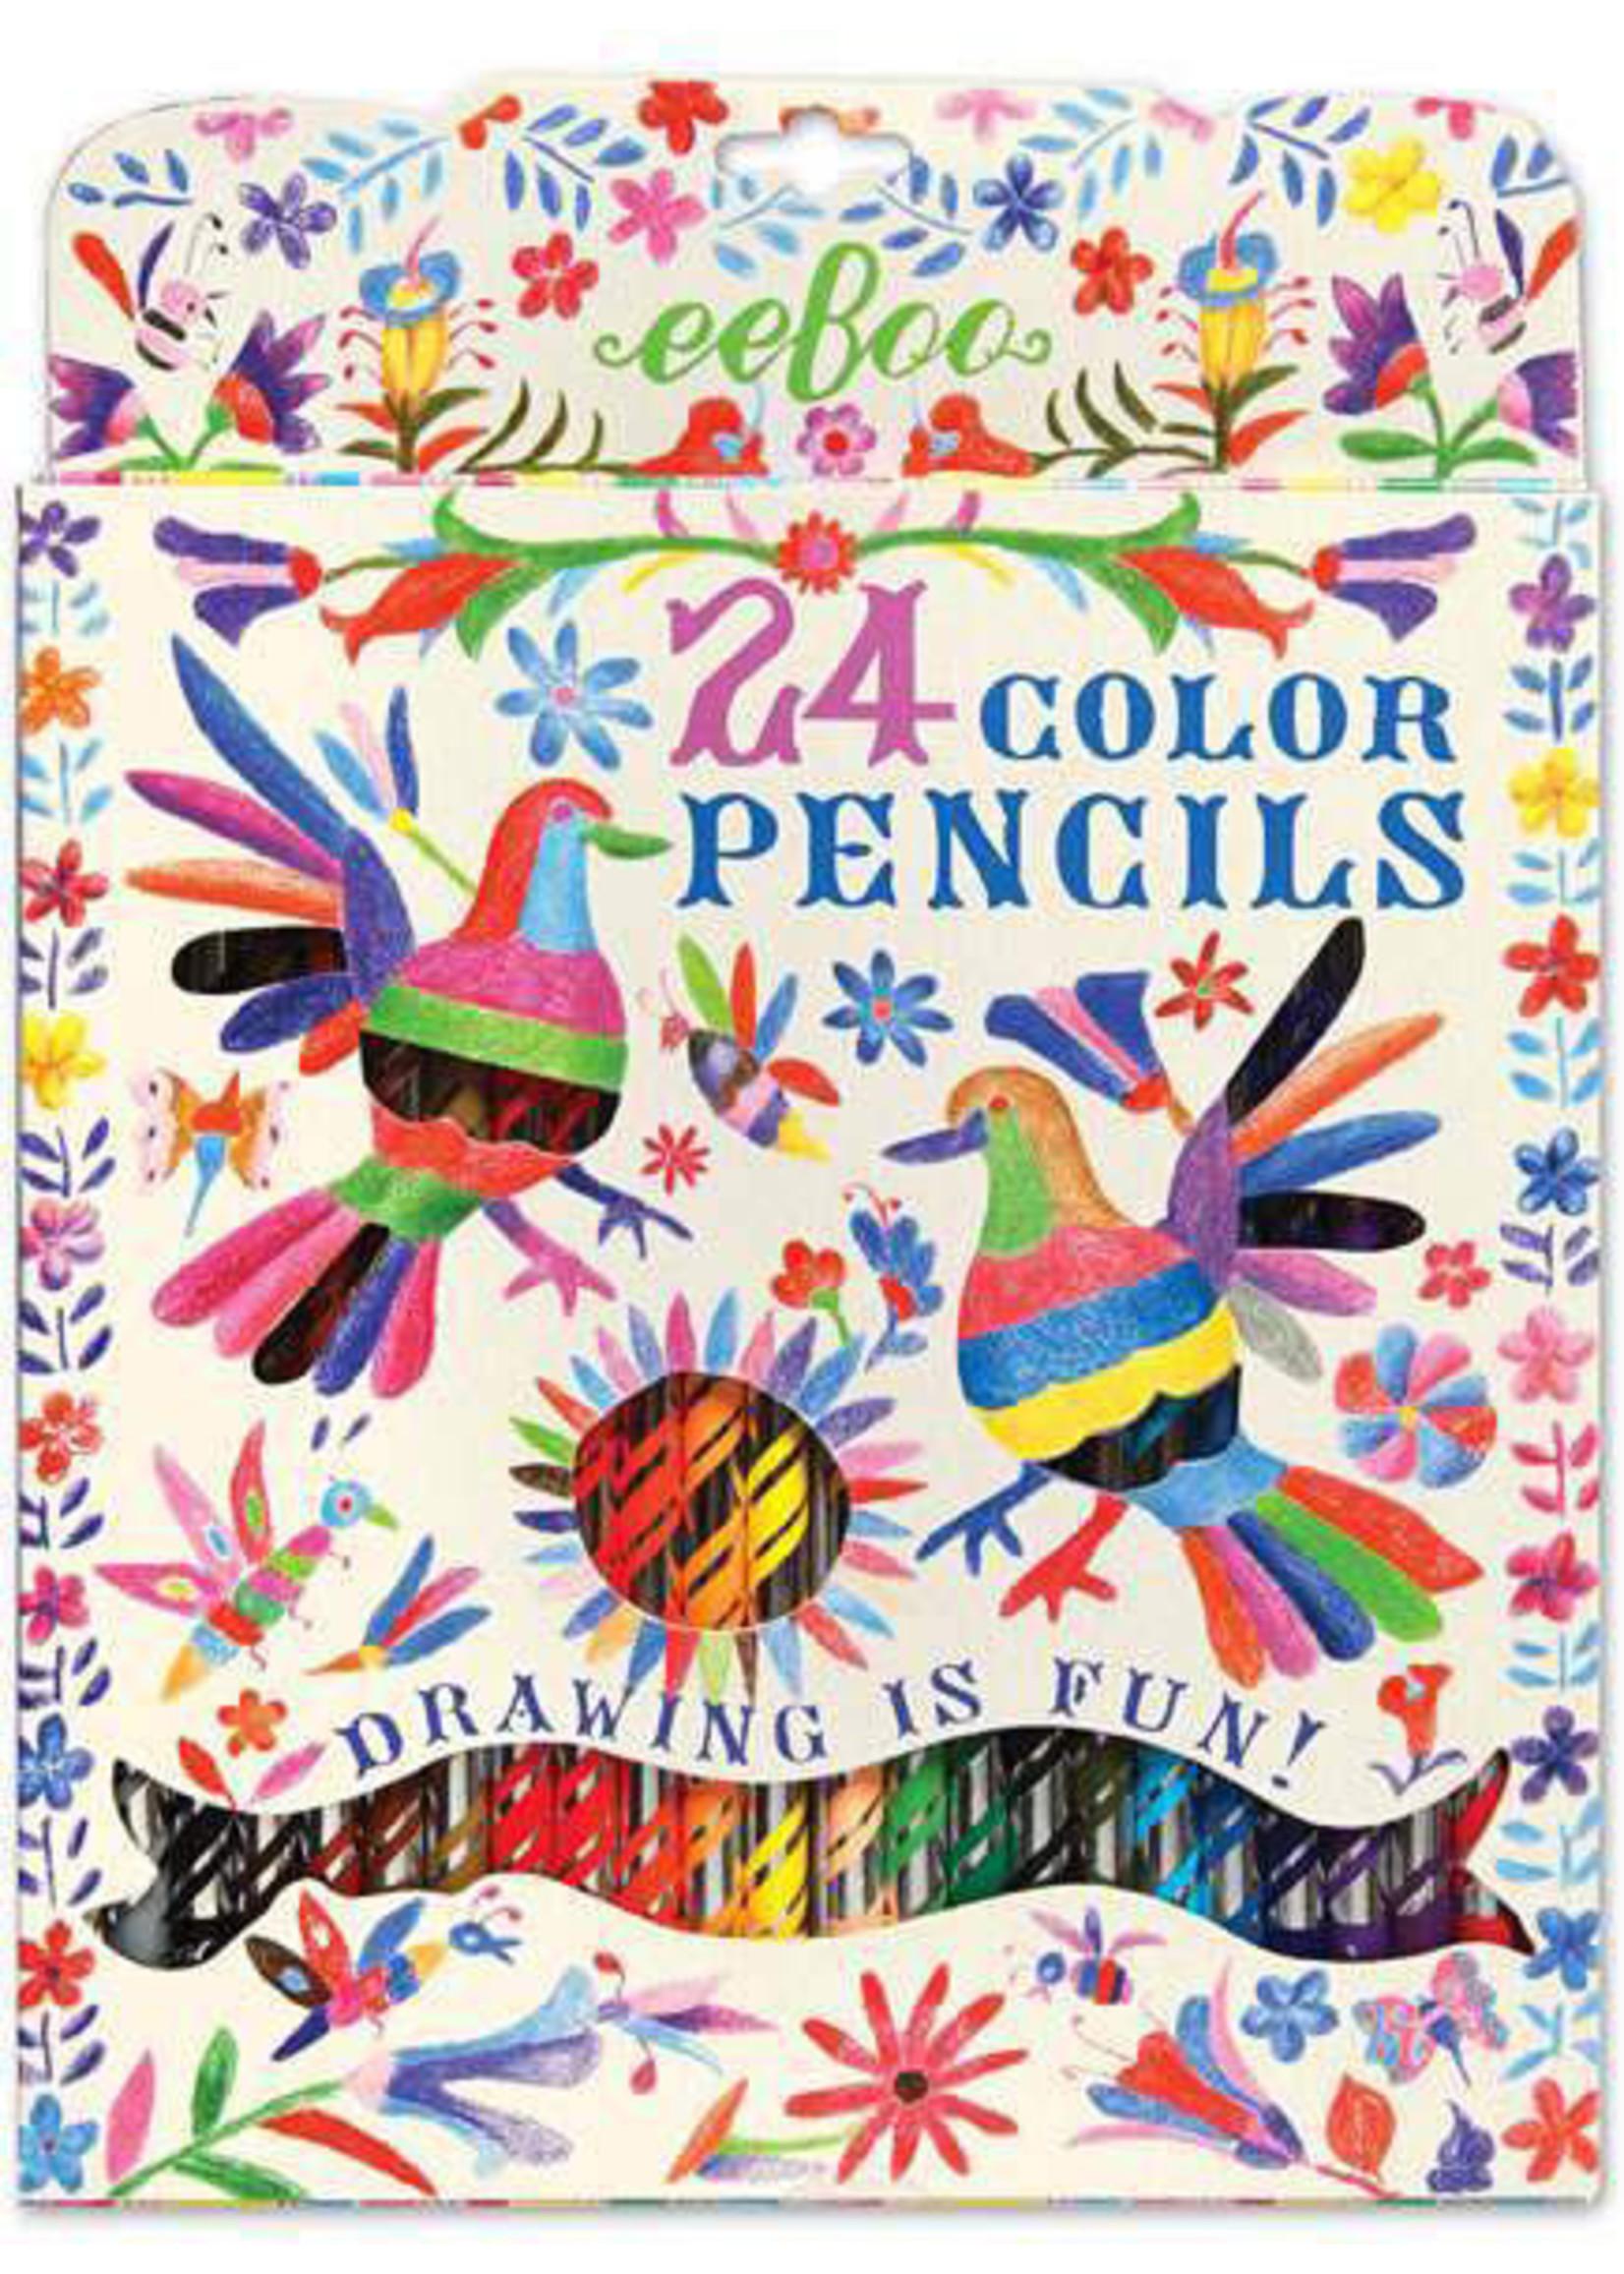 eebo Oaxaca Birds - 24 Color Pencils